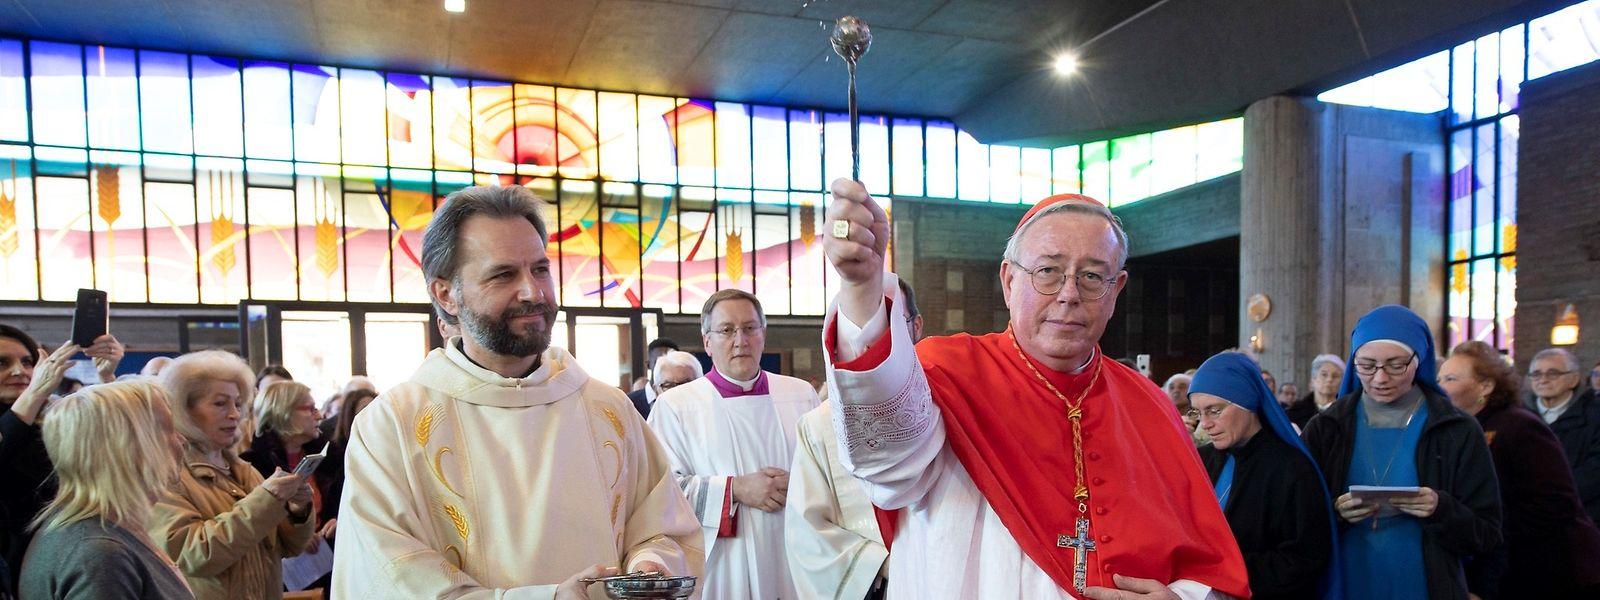 Jean-Claude Hollerich est nommé pour cinq ans au Conseil pontifical de la culture